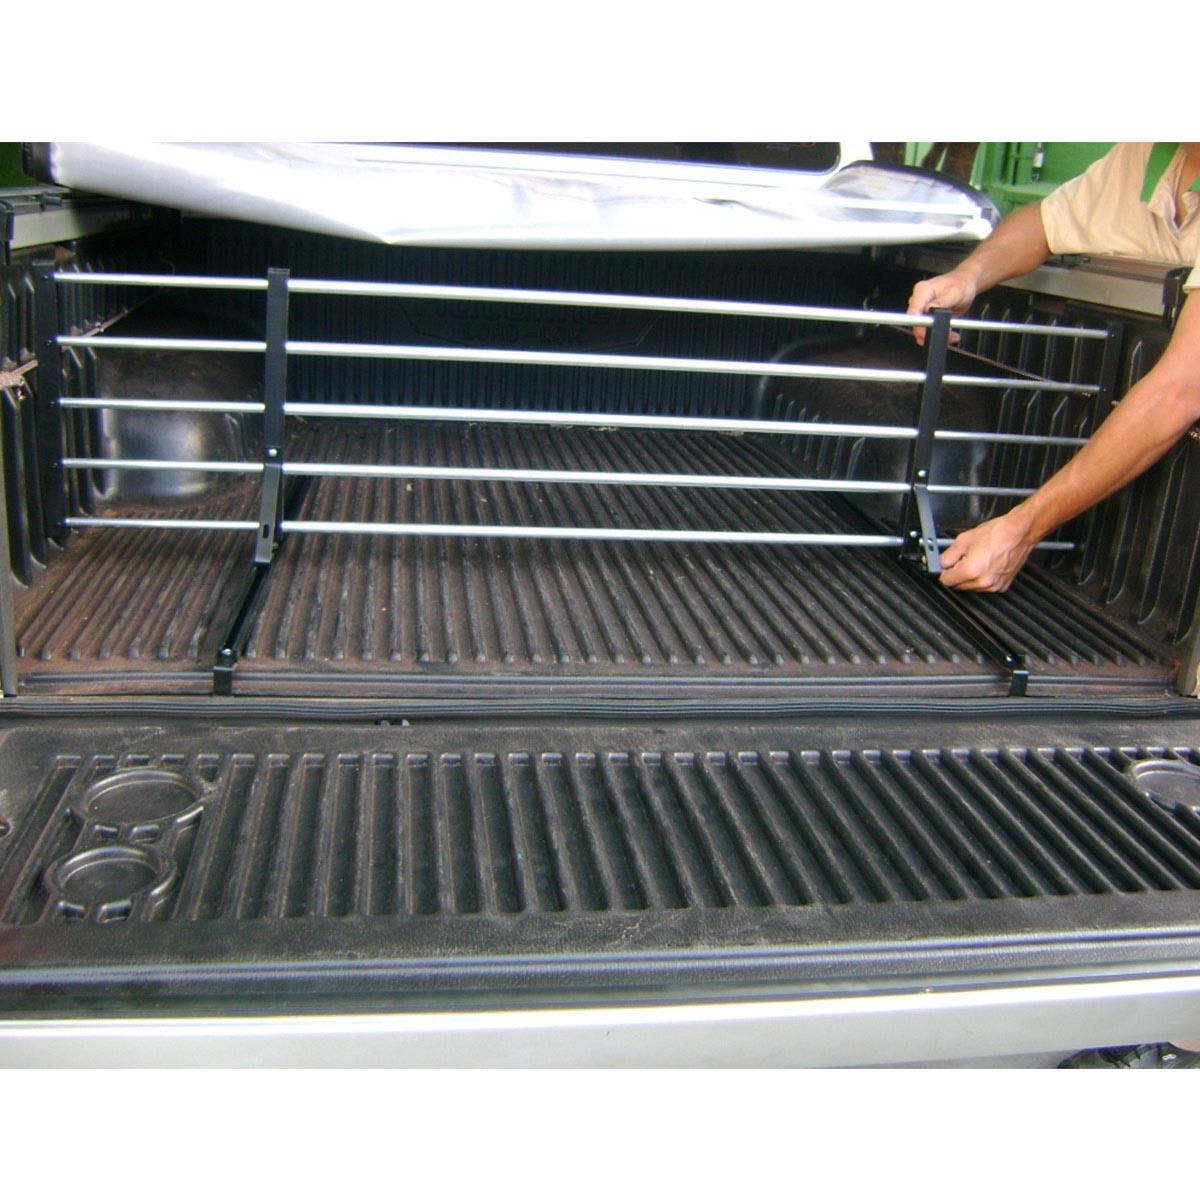 Divisor separador de cargas caçamba Amarok 2011 a 2017